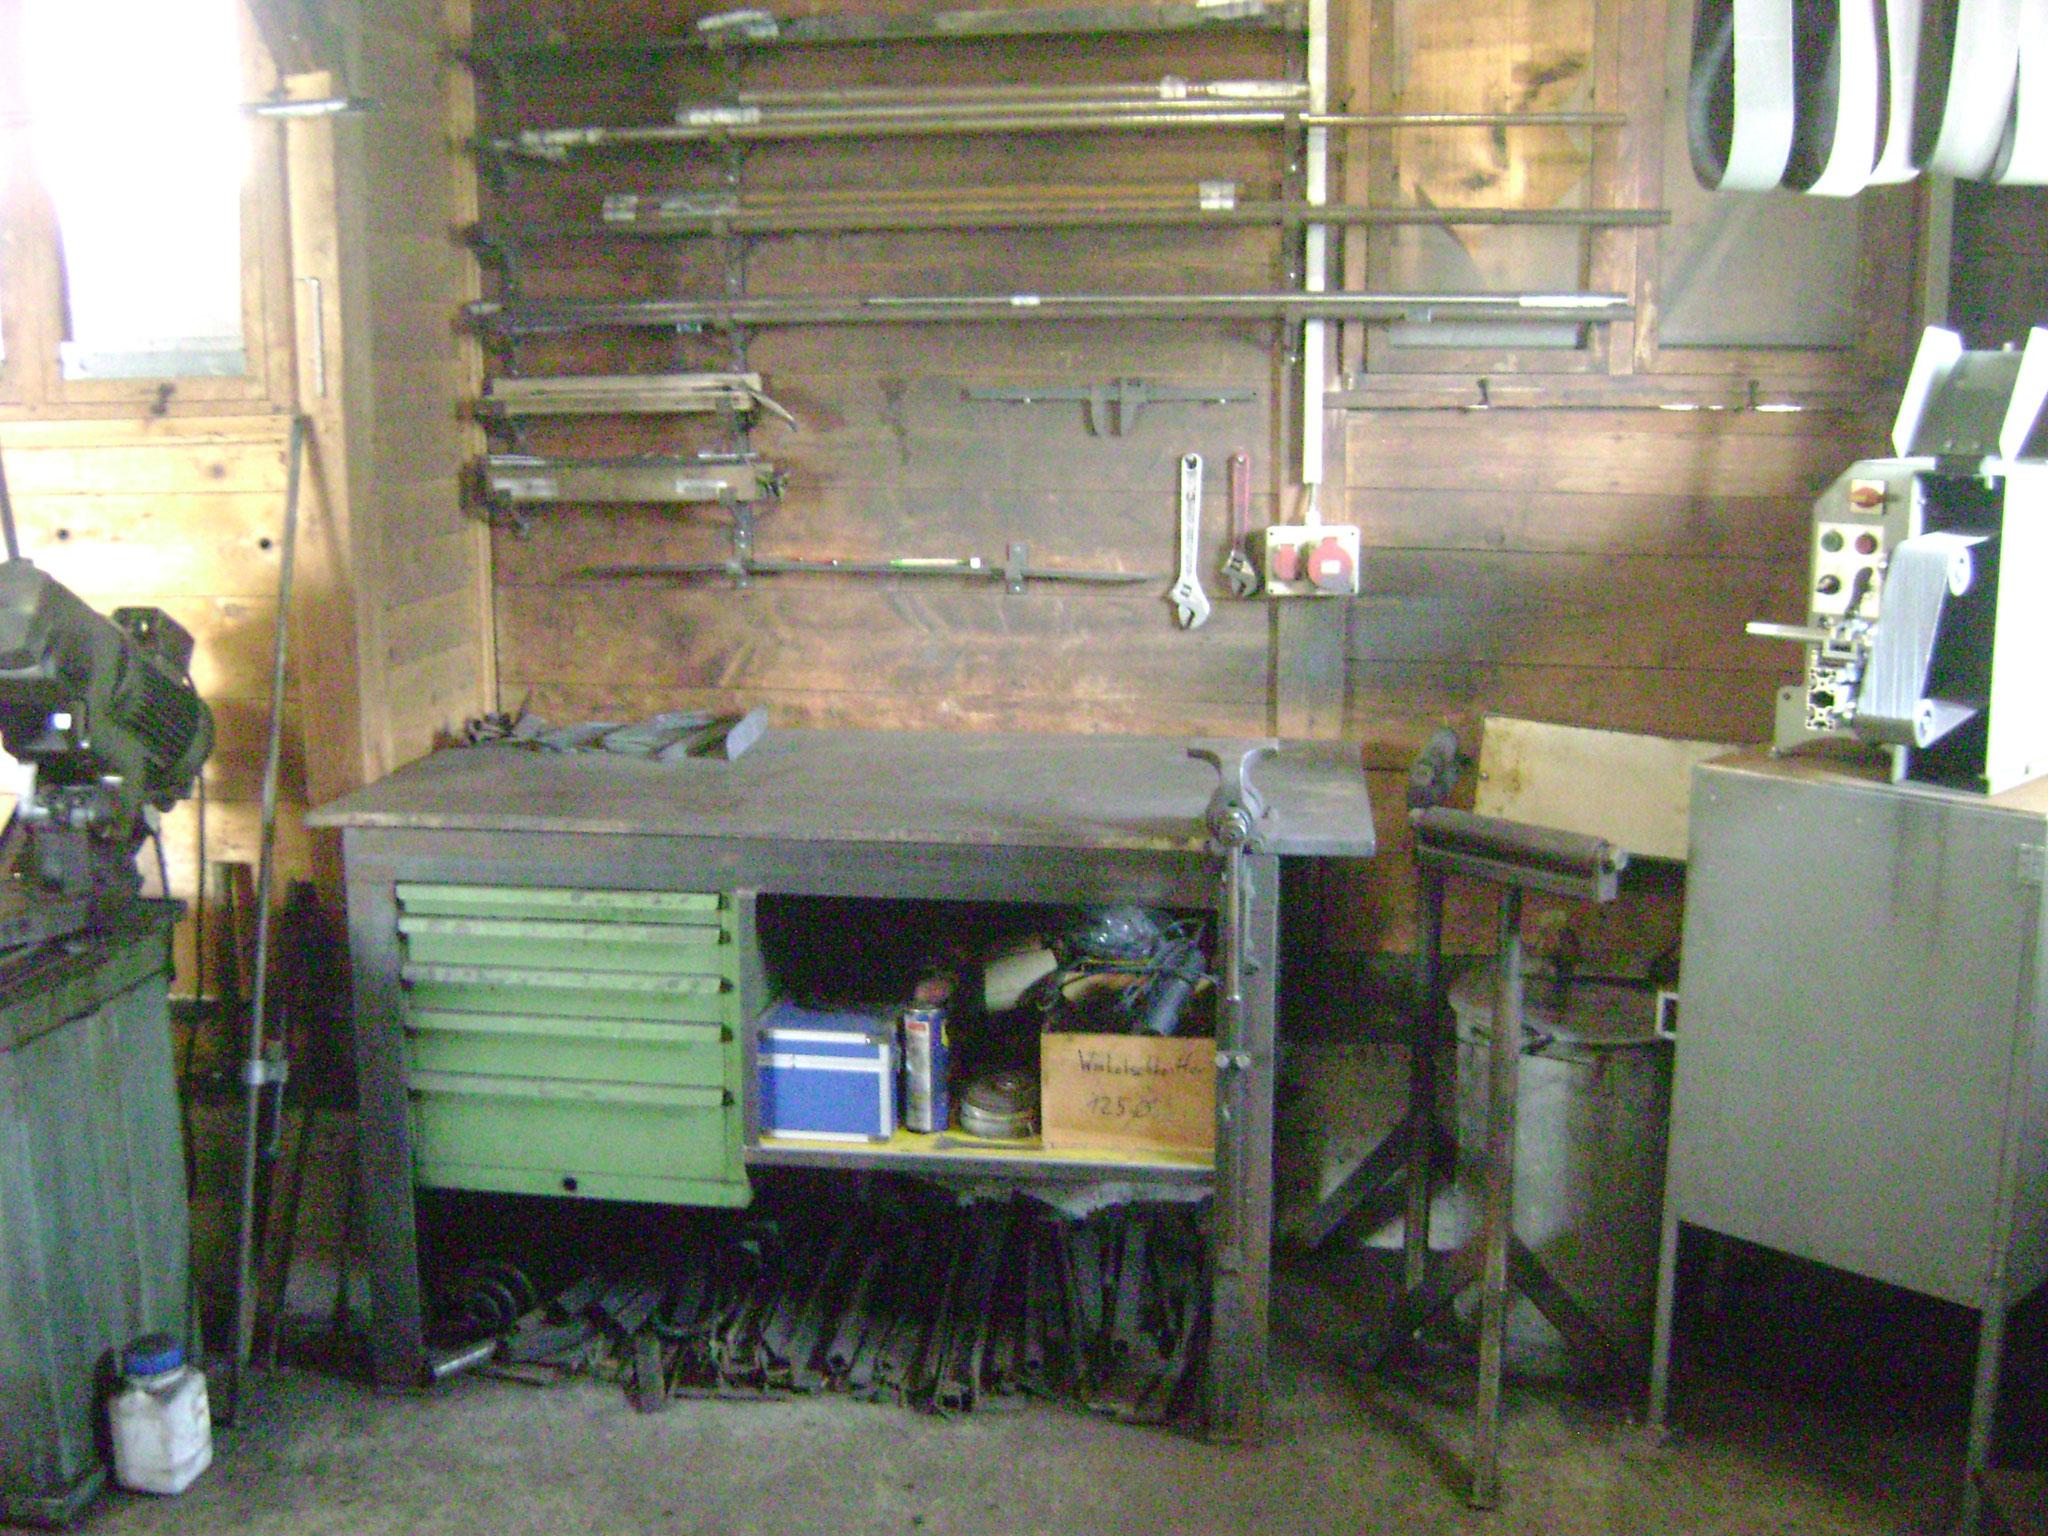 Werkbank mit Schmiedesraubstock und Bandschleifmaschine